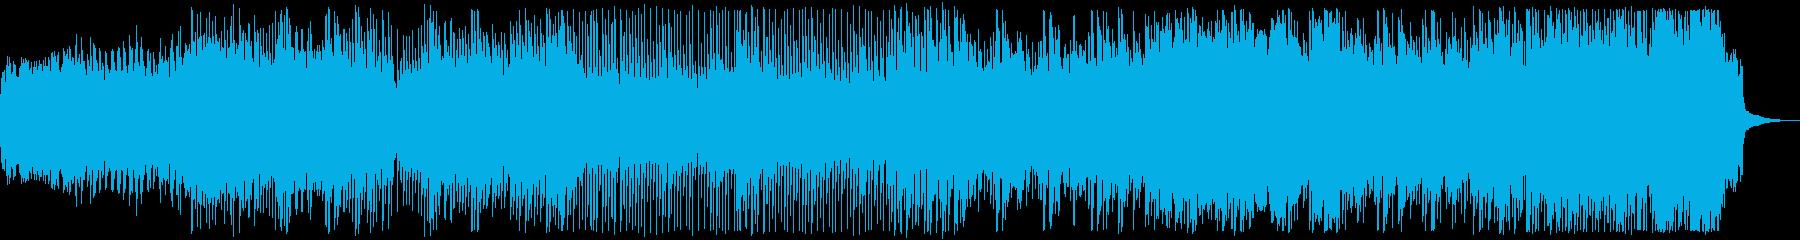 和風テイストの曲の再生済みの波形